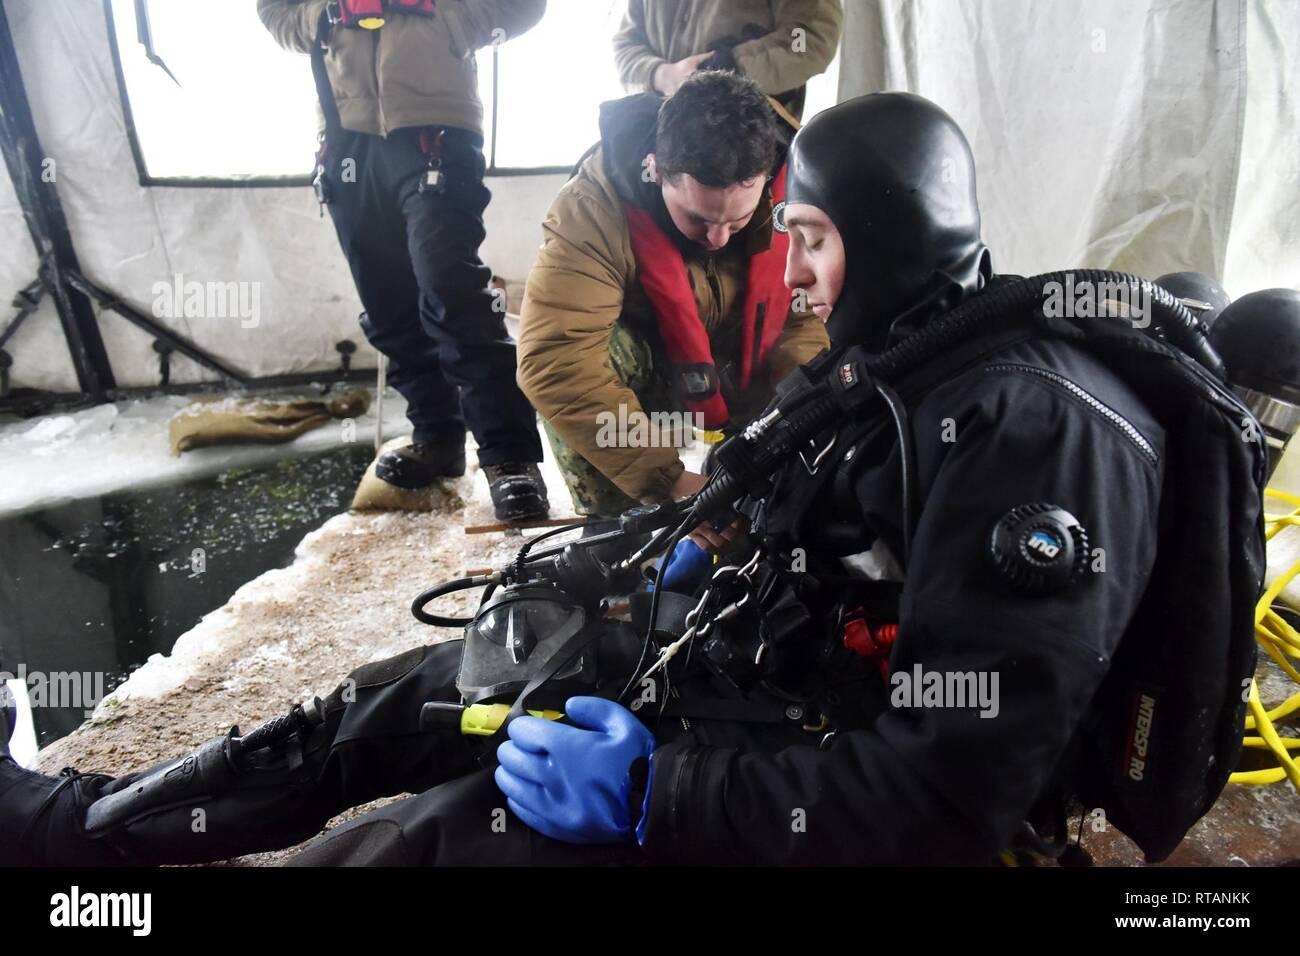 Les plongeurs de la Marine américaine à partir de l'Unité de sauvetage et de plongée mobiles utilisent deux lacs gelés sur Camp Ripley à mener dans le cadre de la formation de glace dans le cadre de leur programme de certification de plongeurs annuel 5-12 Février, 2019. Photo Stock